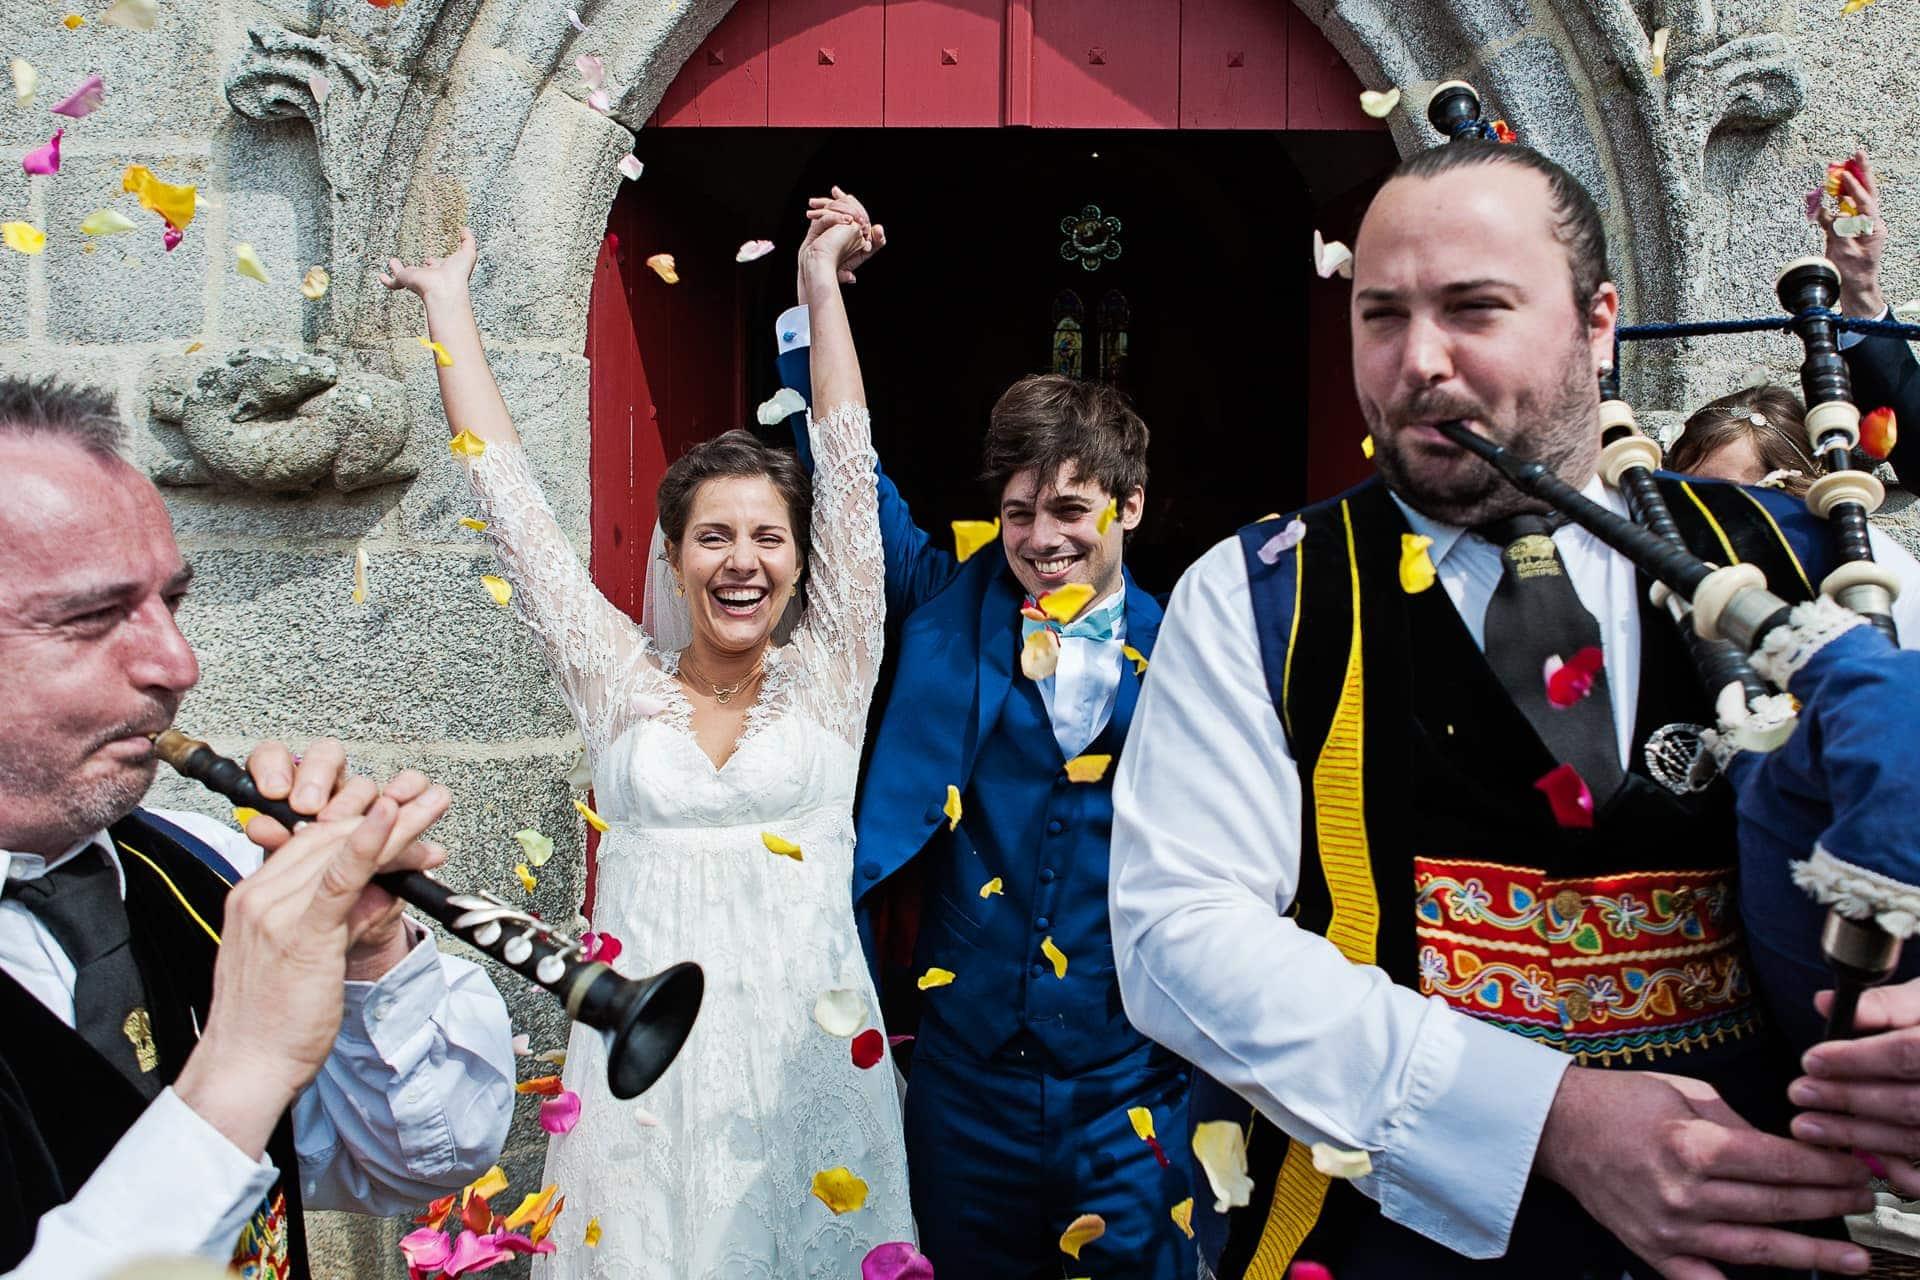 Sortie de l'église sous les confettis avec des sonneurs au premier plan à l'église de Benodet par Ernestine et sa famille photographe de mariage à l'approche reportage